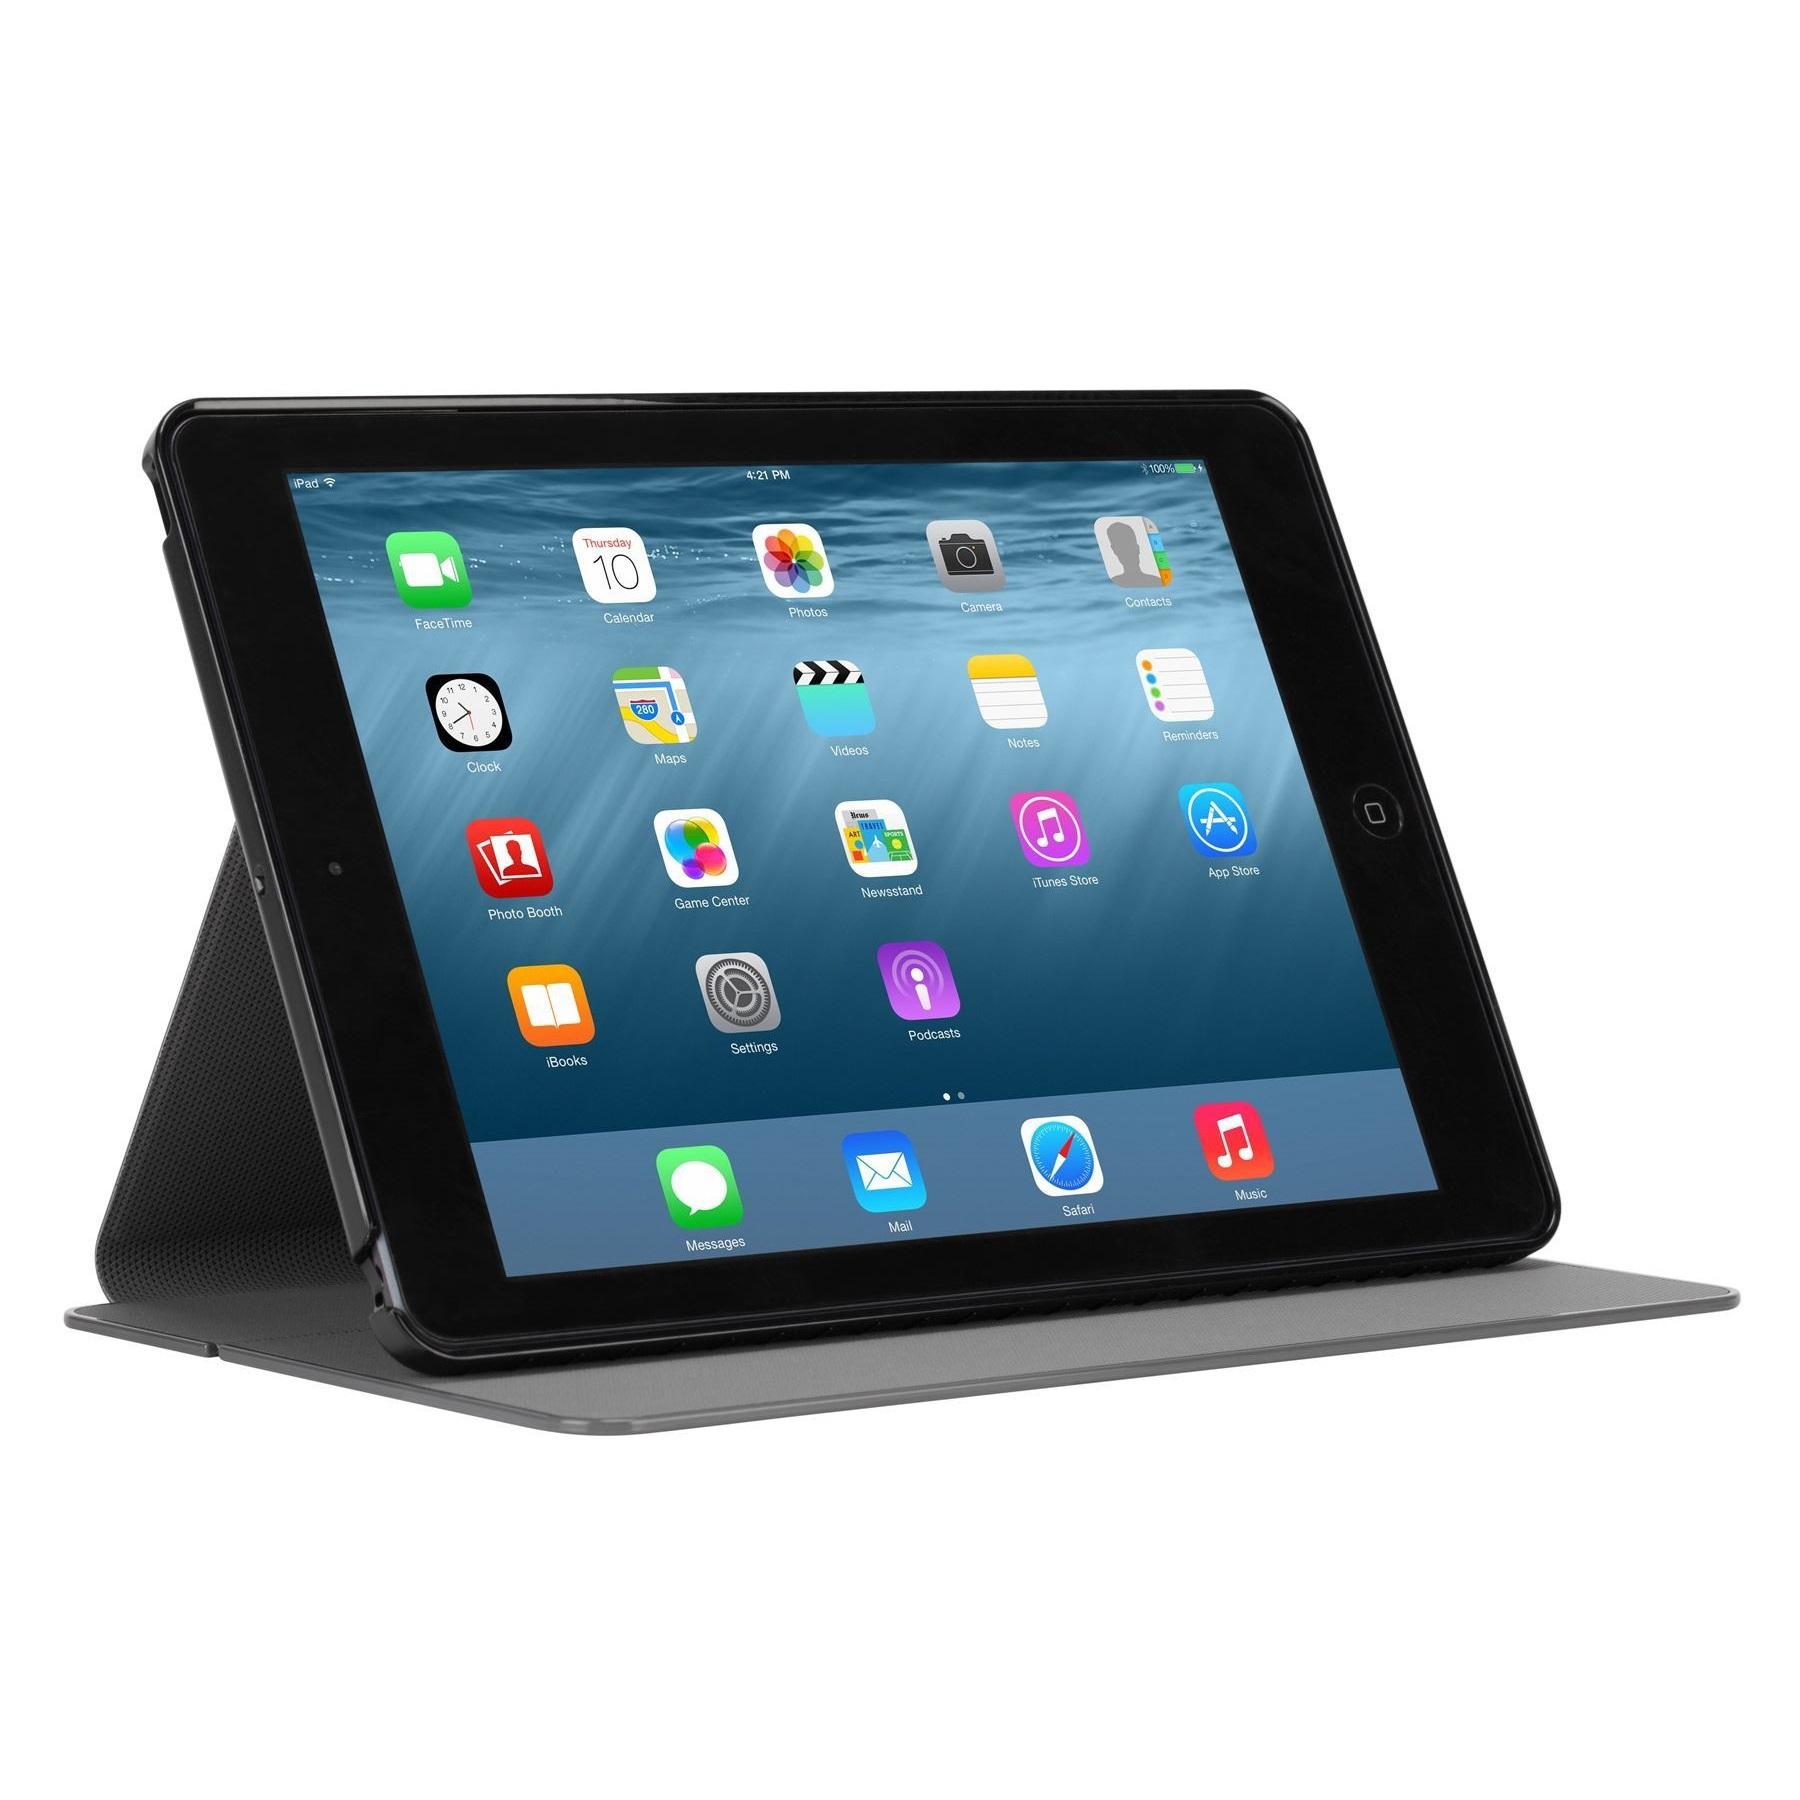 Targus Hardcover für iPad Air/ Air 2 (Vglpreis 20 Euro)